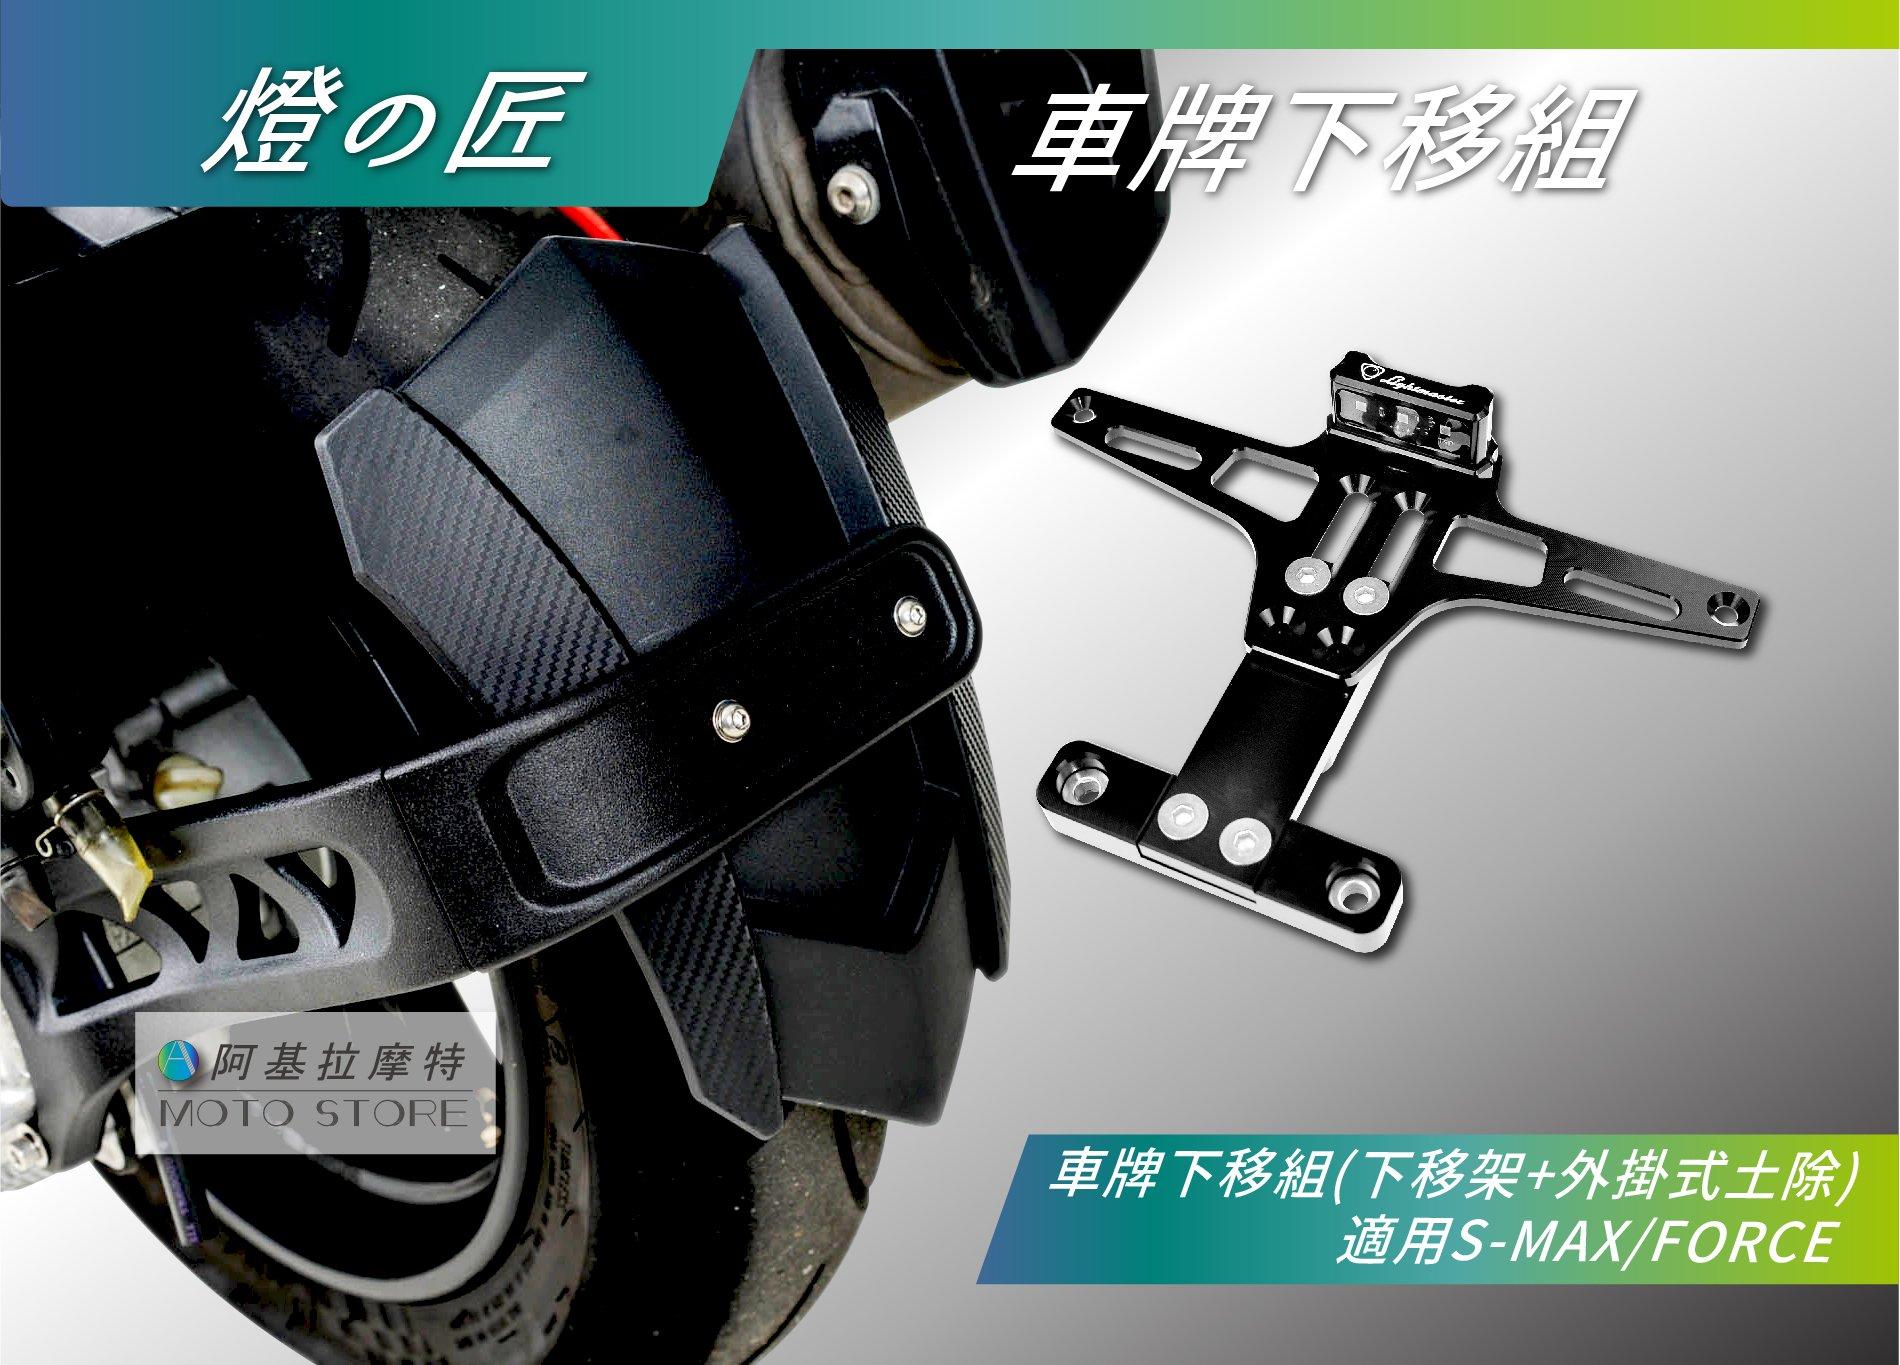 燈匠 SMAX FORCE 車牌下移組 車牌下移套件 外掛式後土除 適用 S妹 S-MAX FORCE